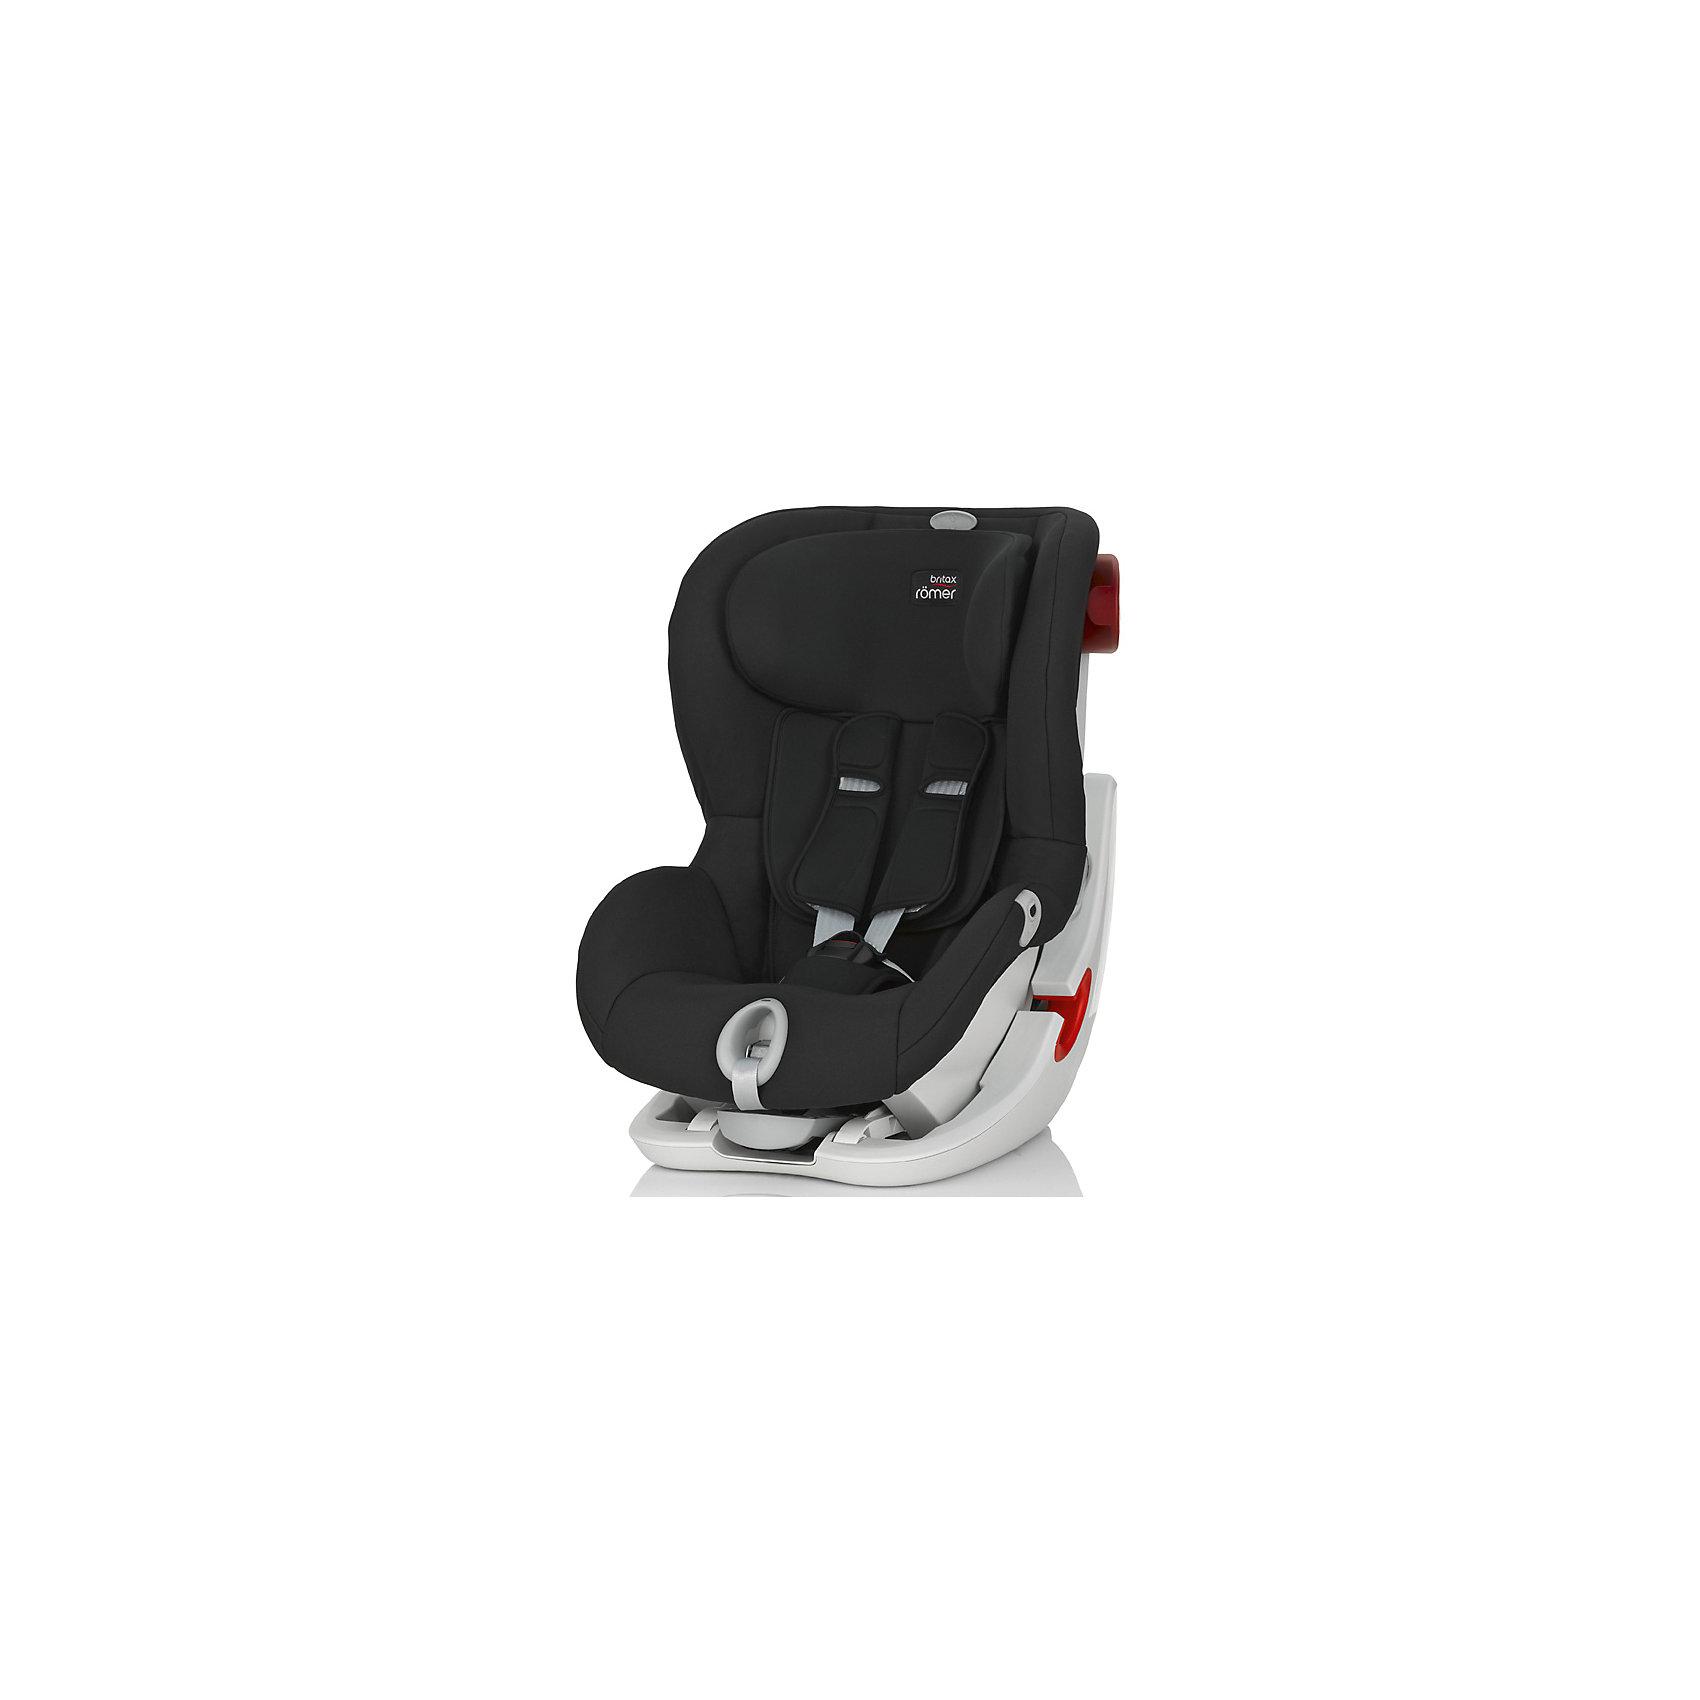 Автокресло Britax Romer KING II LS, 9-18 кг, Cosmos Black TrendlineГруппа 1 (От 9 до 18 кг)<br>Автокресло King II LS оснащено уникальной системой световой индикации натяжения ремня безопасности и складывающимся вперед сиденьем для удобства установки. <br>- Установка в автомобиле с помощью штатного ремня безопасности<br>- Индикатор определяет уровень натяжения внутреннего ремня автокресла<br>- 5-точечные ремни безопасности, регулируемые одной рукой<br>- Угол наклона регулируется в 4-х положениях<br>- Система наклона кресла вперед обеспечивает улучшенный доступ и обзор при установке кресла в салоне автомобиля<br>- Глубокие мягкие боковины обеспечивают оптимальную защиту при боковых столкновениях<br>- Мягкие плечевые накладки на ремни для максимального комфорта<br>- Съемный моющийся чехол<br>- Батарейки включены в комплект поставки<br>- Размеры (Д / Ш / В): 54 х 45 х 67 см<br>- Размеры спинки сиденья (Д / Ш): 30 х 34 см<br>- Длина спинки: 55 см<br>- Вес: 10.3 кг<br><br>Автокресло KING II LS, 9-18 кг., BRITAX ROMER (Бритакс Ремер), Cosmos Black Trendline можно купить в нашем магазине.<br><br>Ширина мм: 540<br>Глубина мм: 450<br>Высота мм: 680<br>Вес г: 10500<br>Цвет: черный<br>Возраст от месяцев: 9<br>Возраст до месяцев: 48<br>Пол: Унисекс<br>Возраст: Детский<br>SKU: 4576176